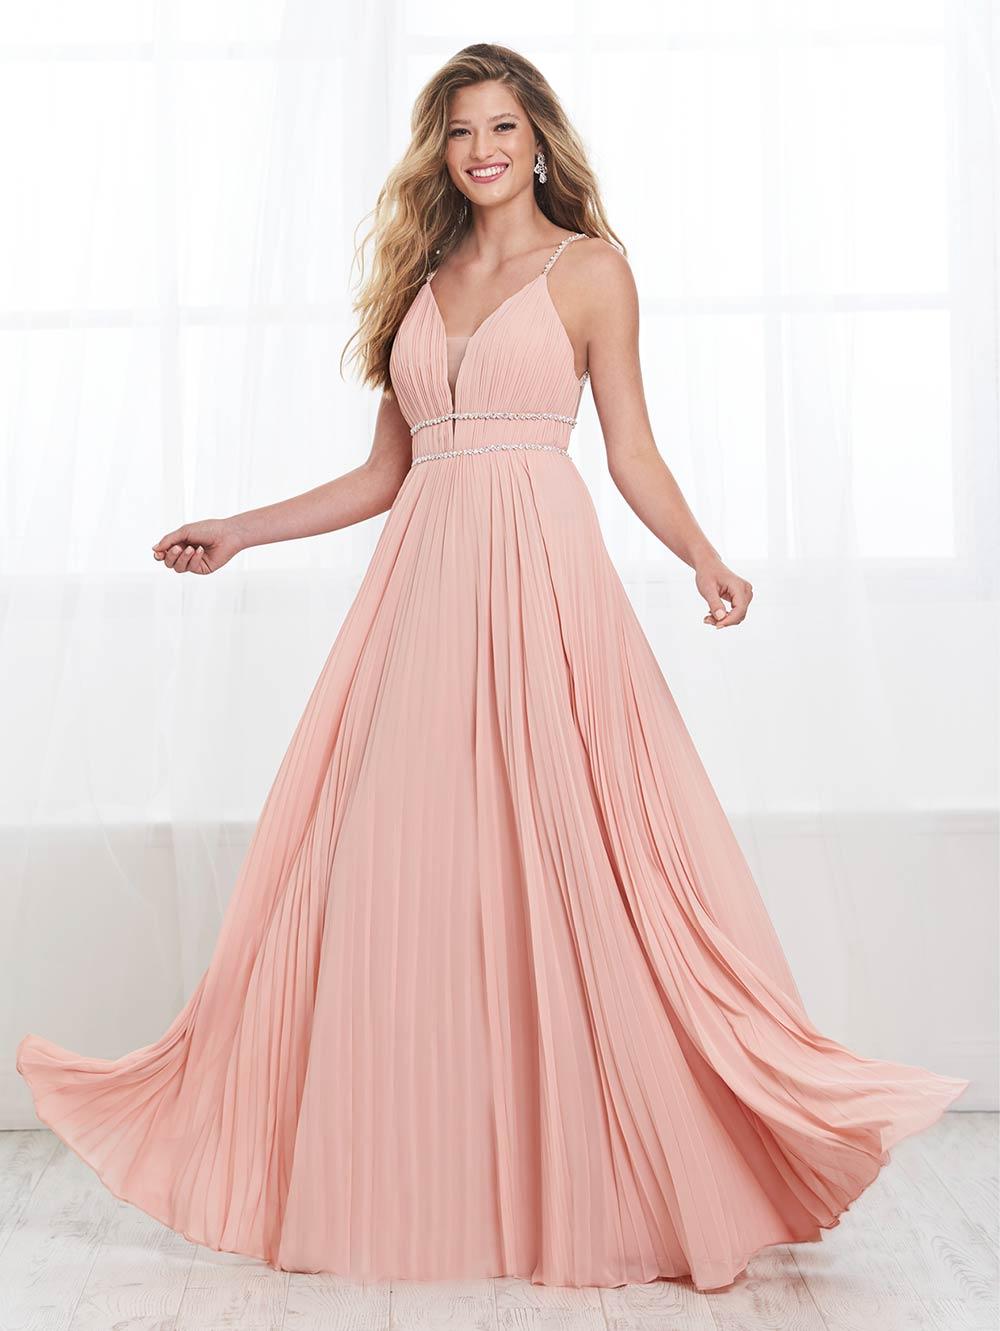 prom-dresses-jacquelin-bridals-canada-27640